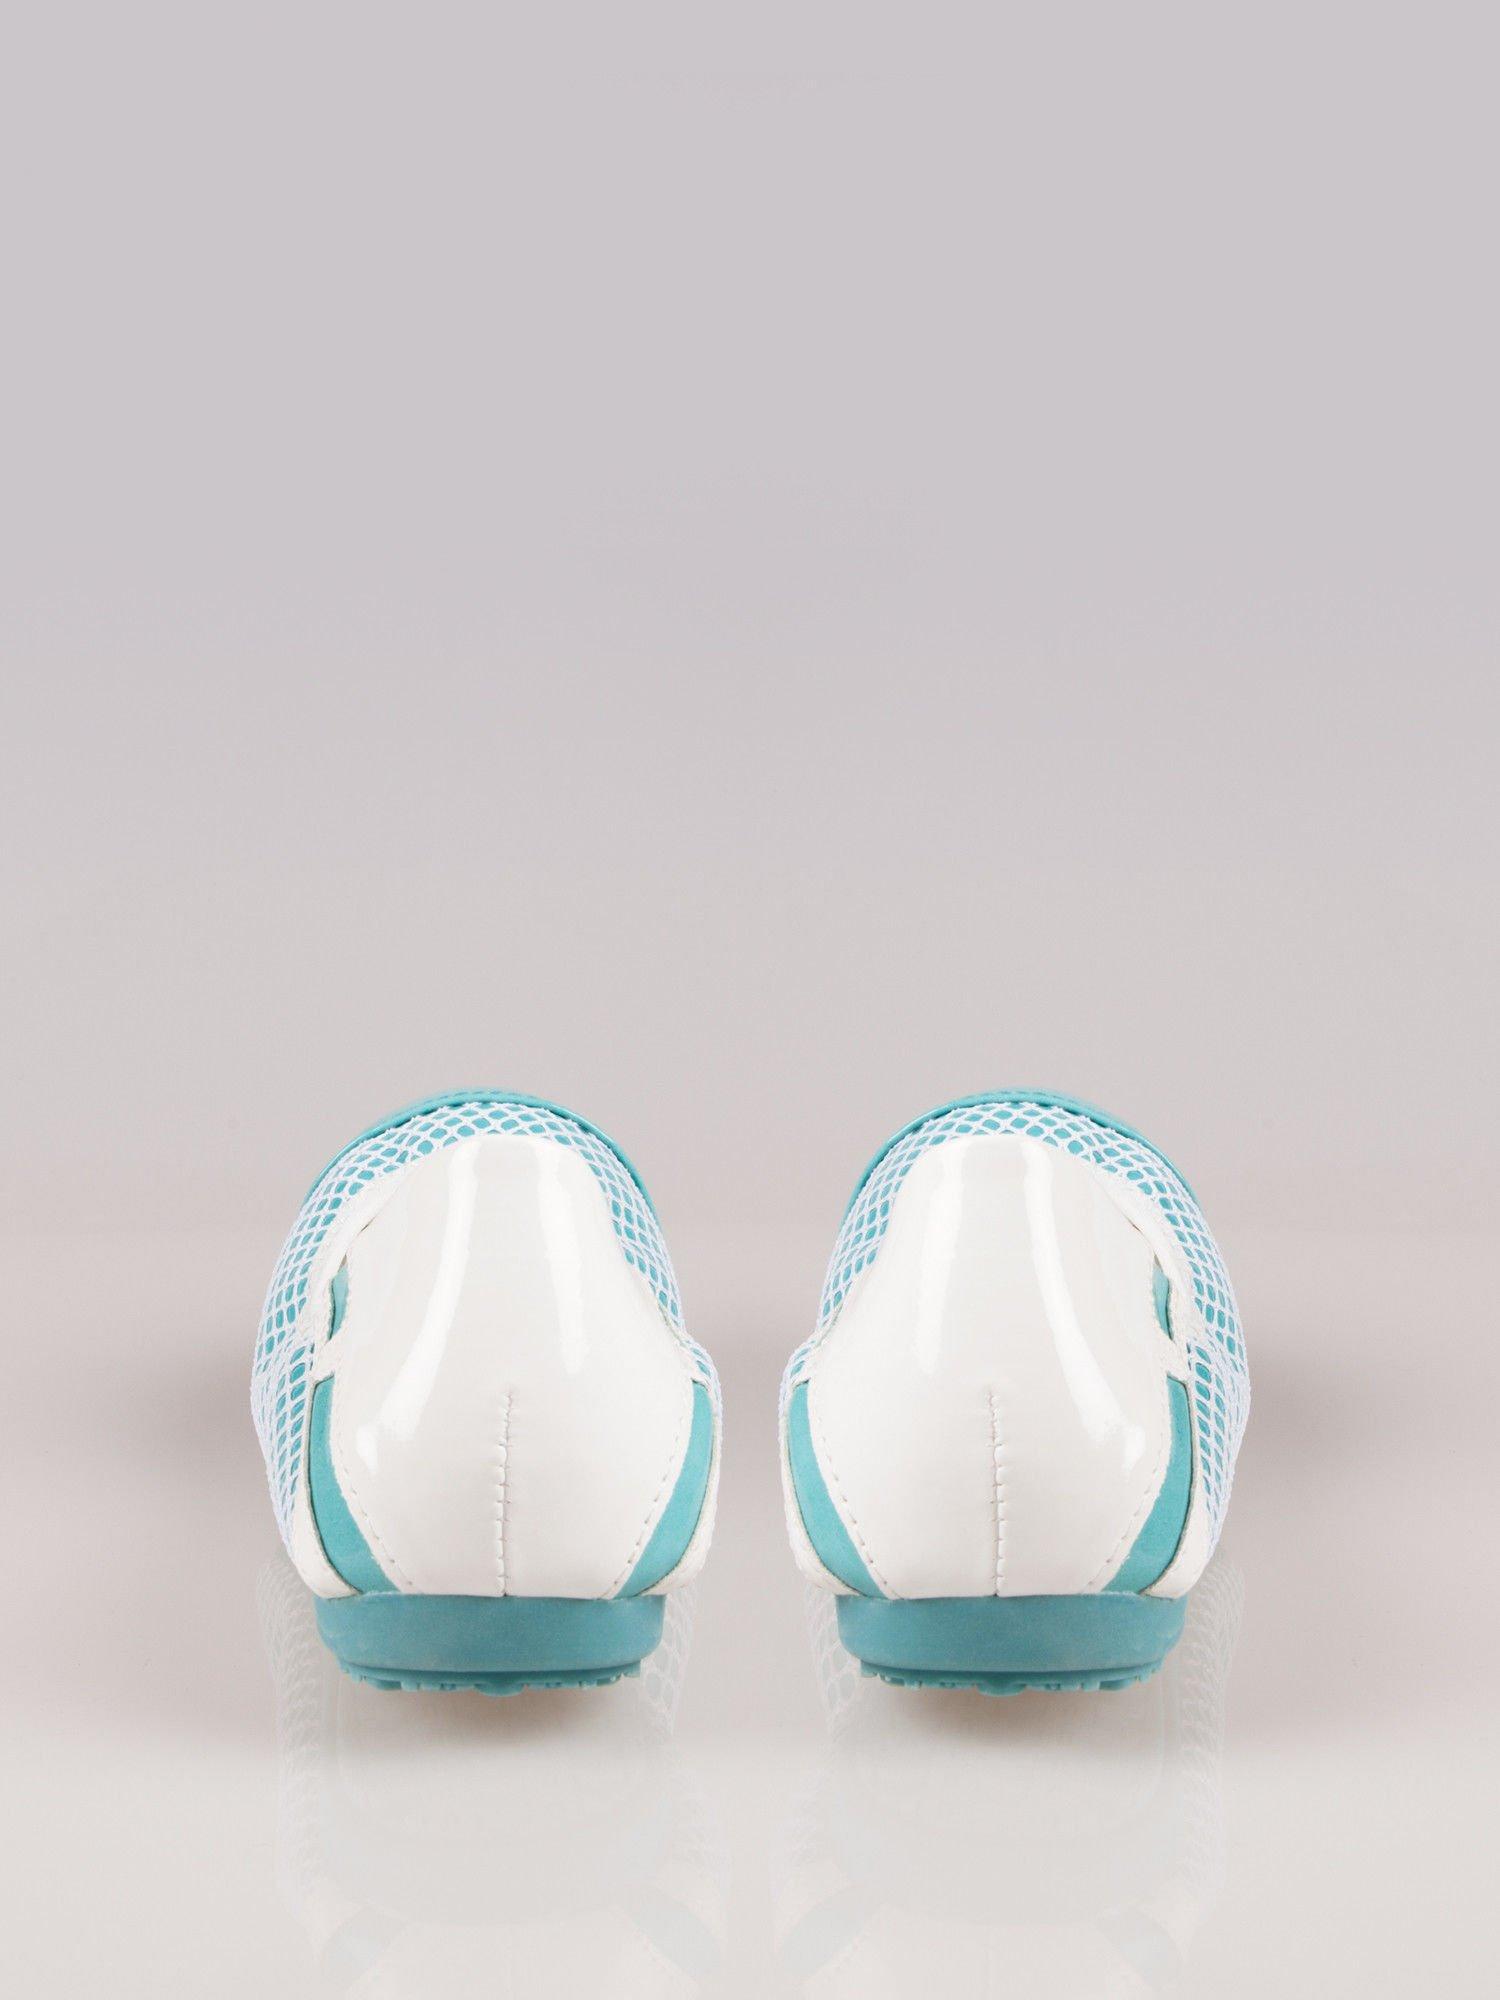 Niebieskie siateczkowe baleriny Whippie na gumkę                                  zdj.                                  1